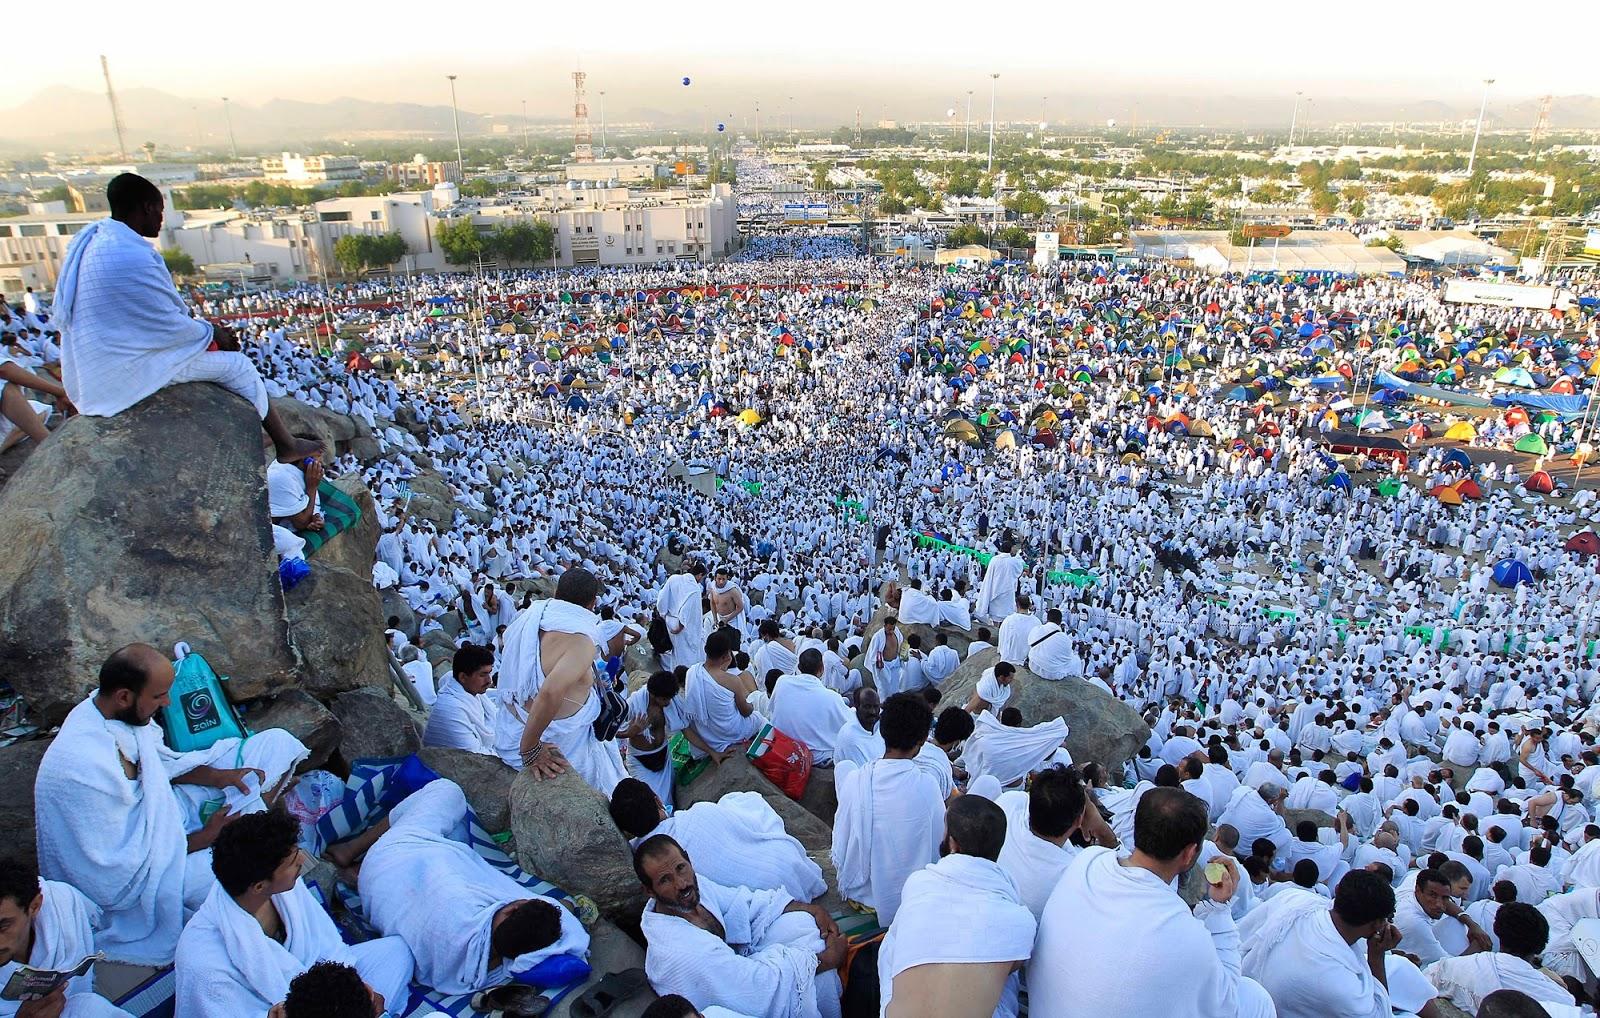 Benarkah Haji Hanya dengan Wukuf di Arafah?